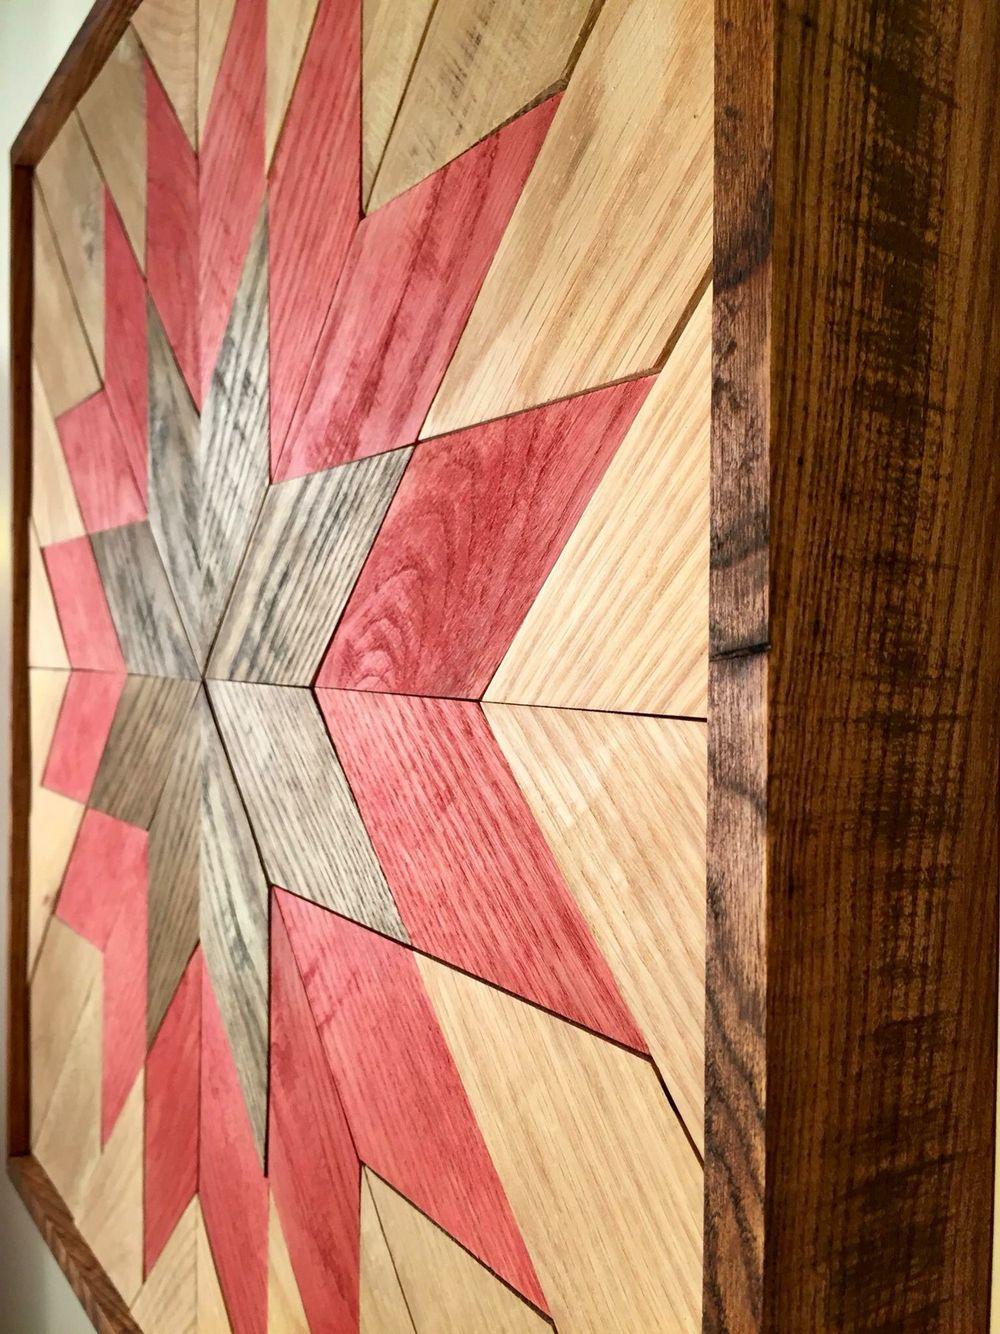 Wood Wall Art - Wooden Wall Hanging Quilt Design, Quilt